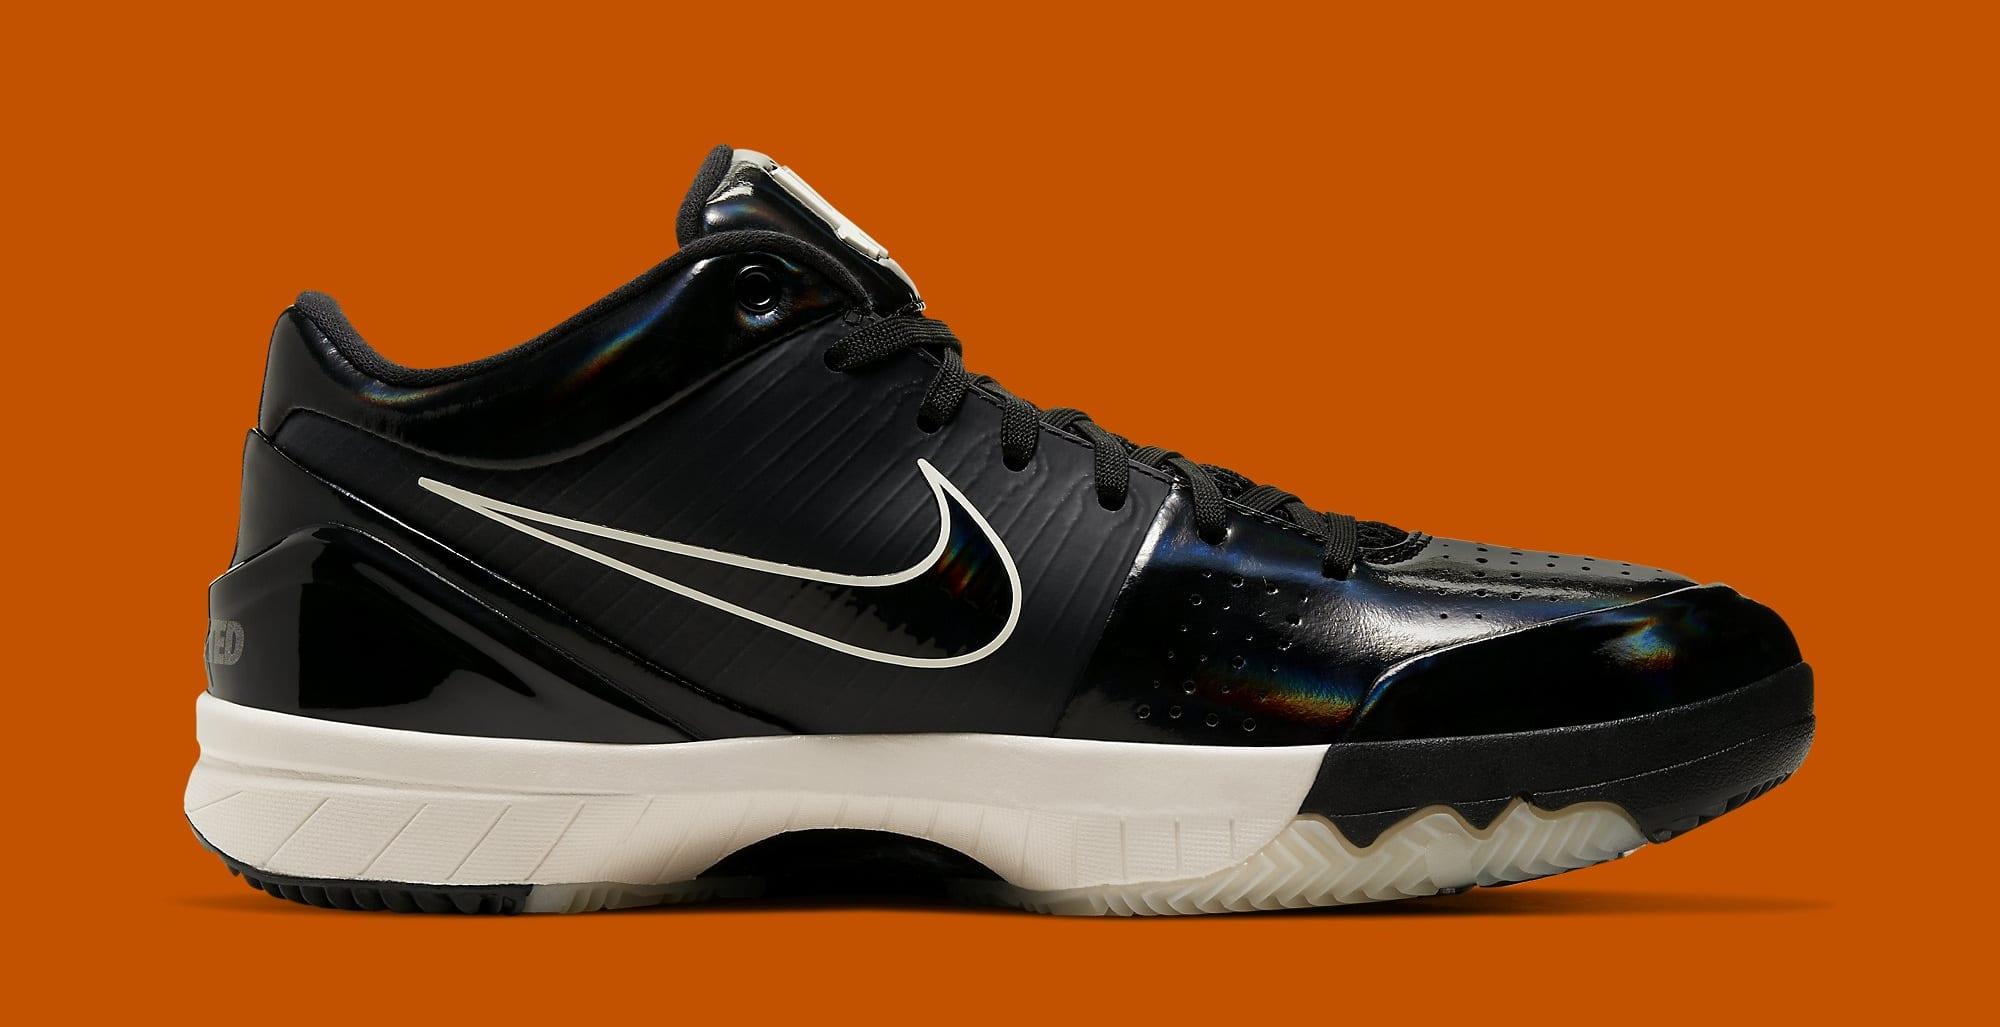 Undefeated x Nike Kobe 4 Protro 'Black Mamba' CQ3869-001 (Medial)